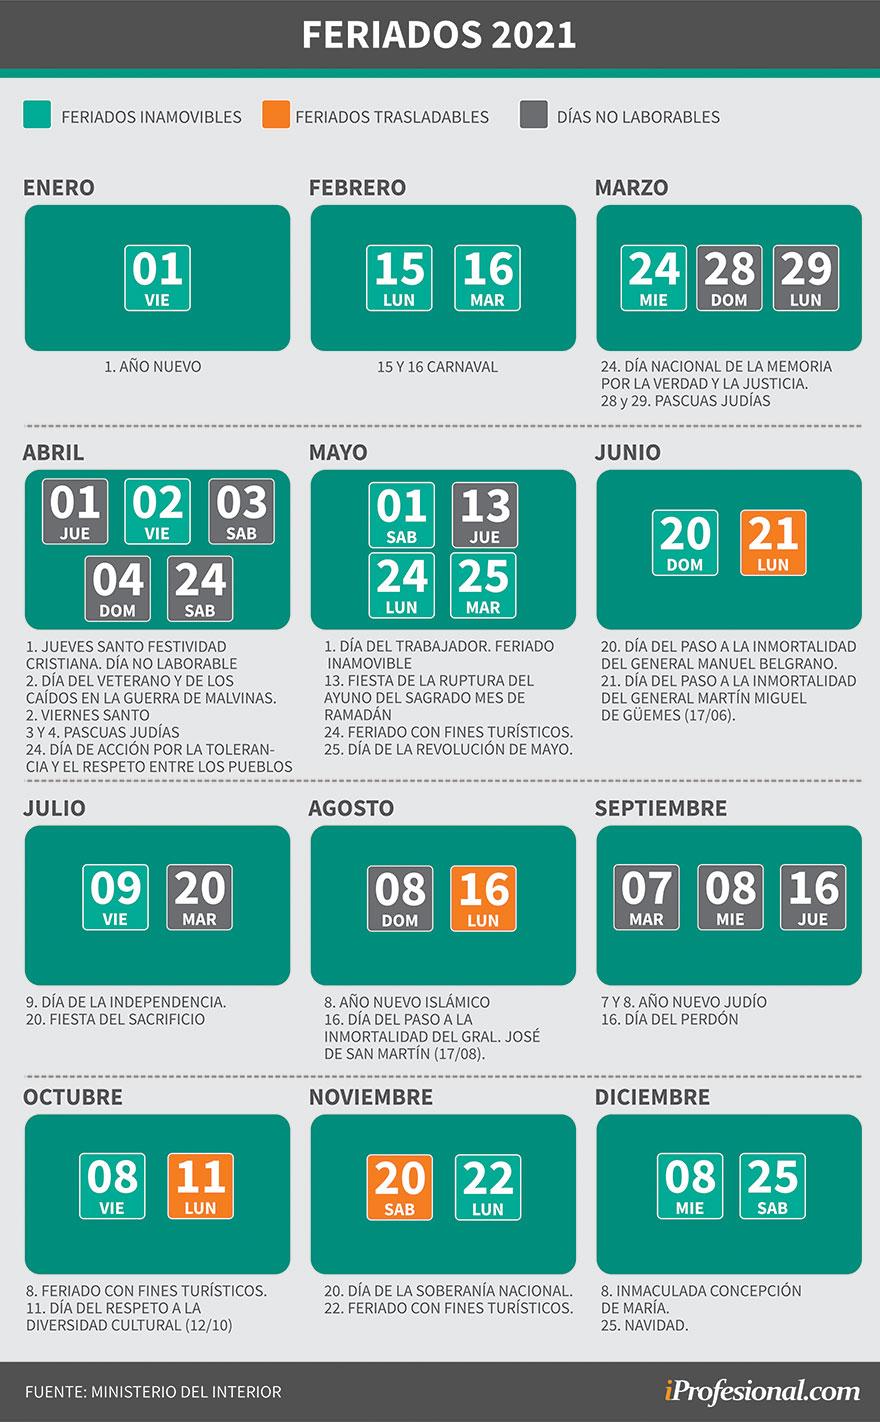 Estos son todos los feriados de 2021 de acuerdo al calendario oficial del Ministerio del Interior